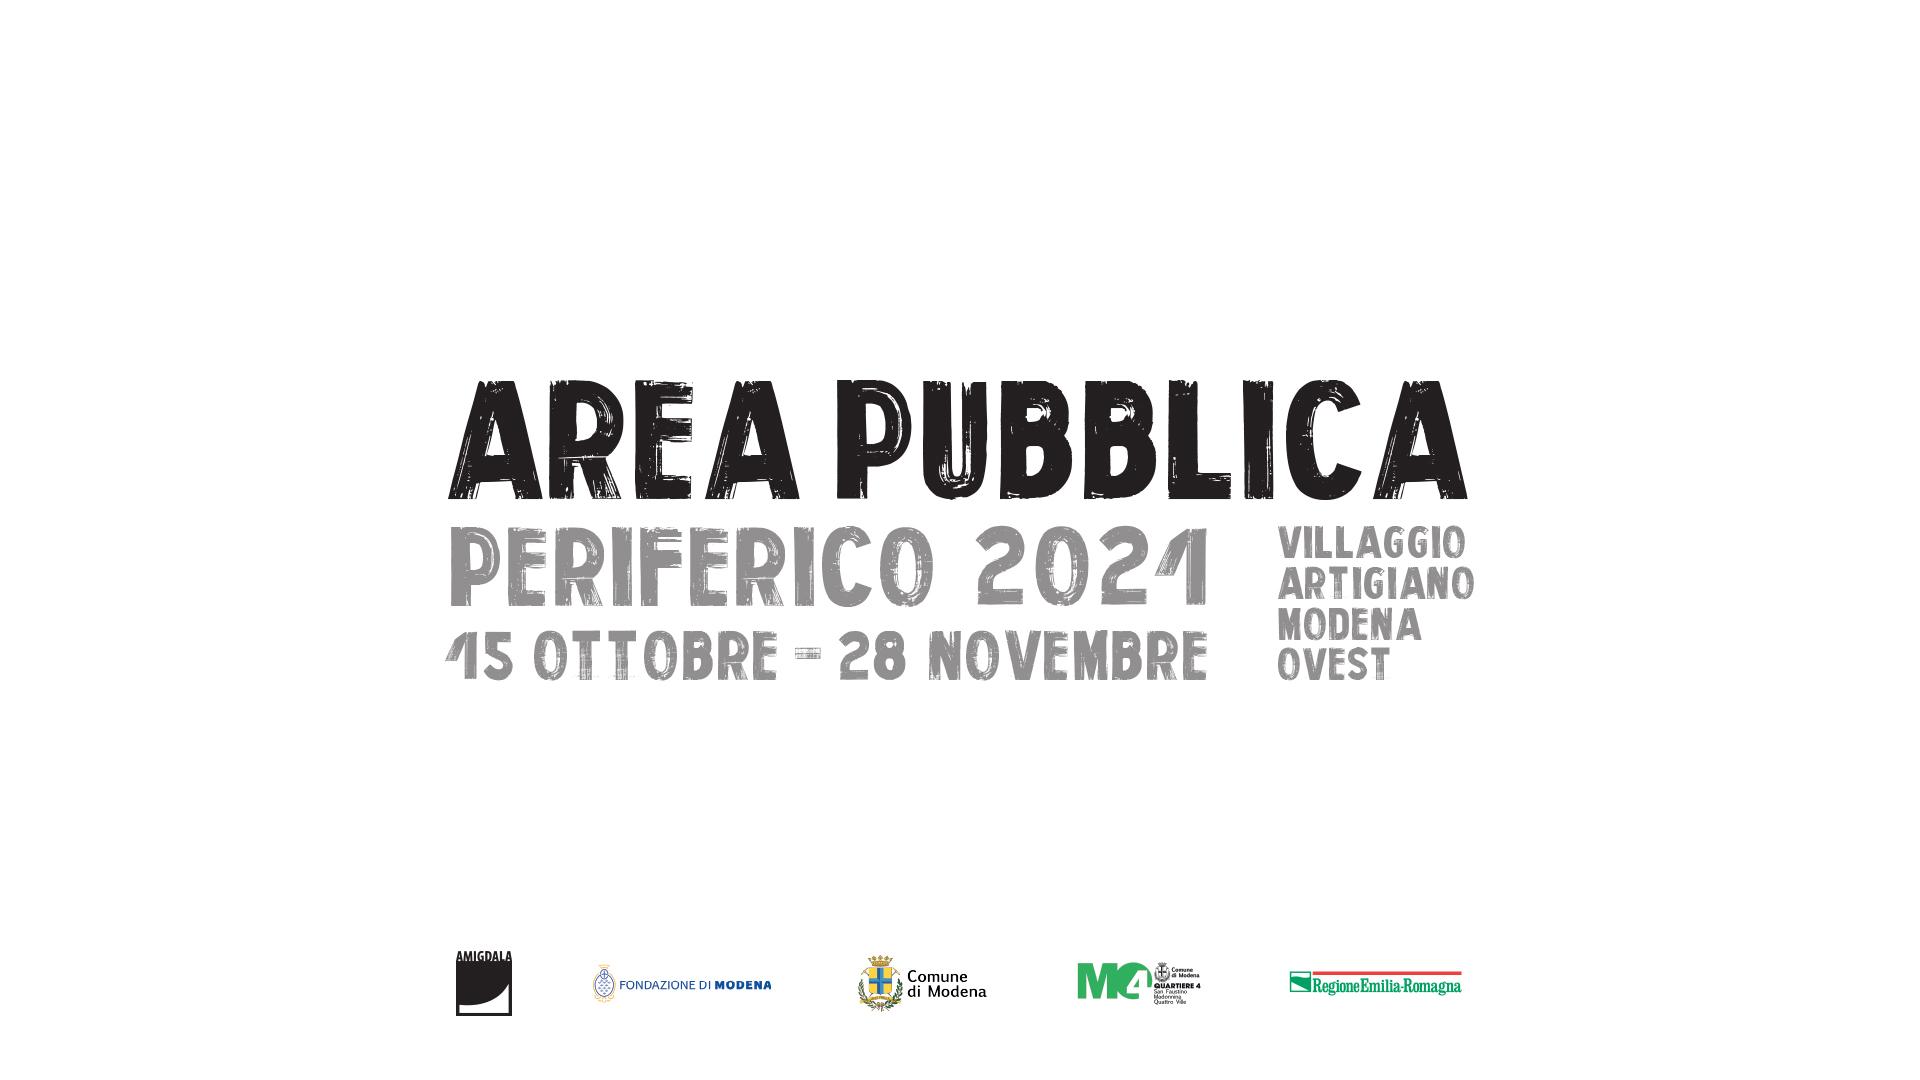 Periferico festival 2021 - area pubblica